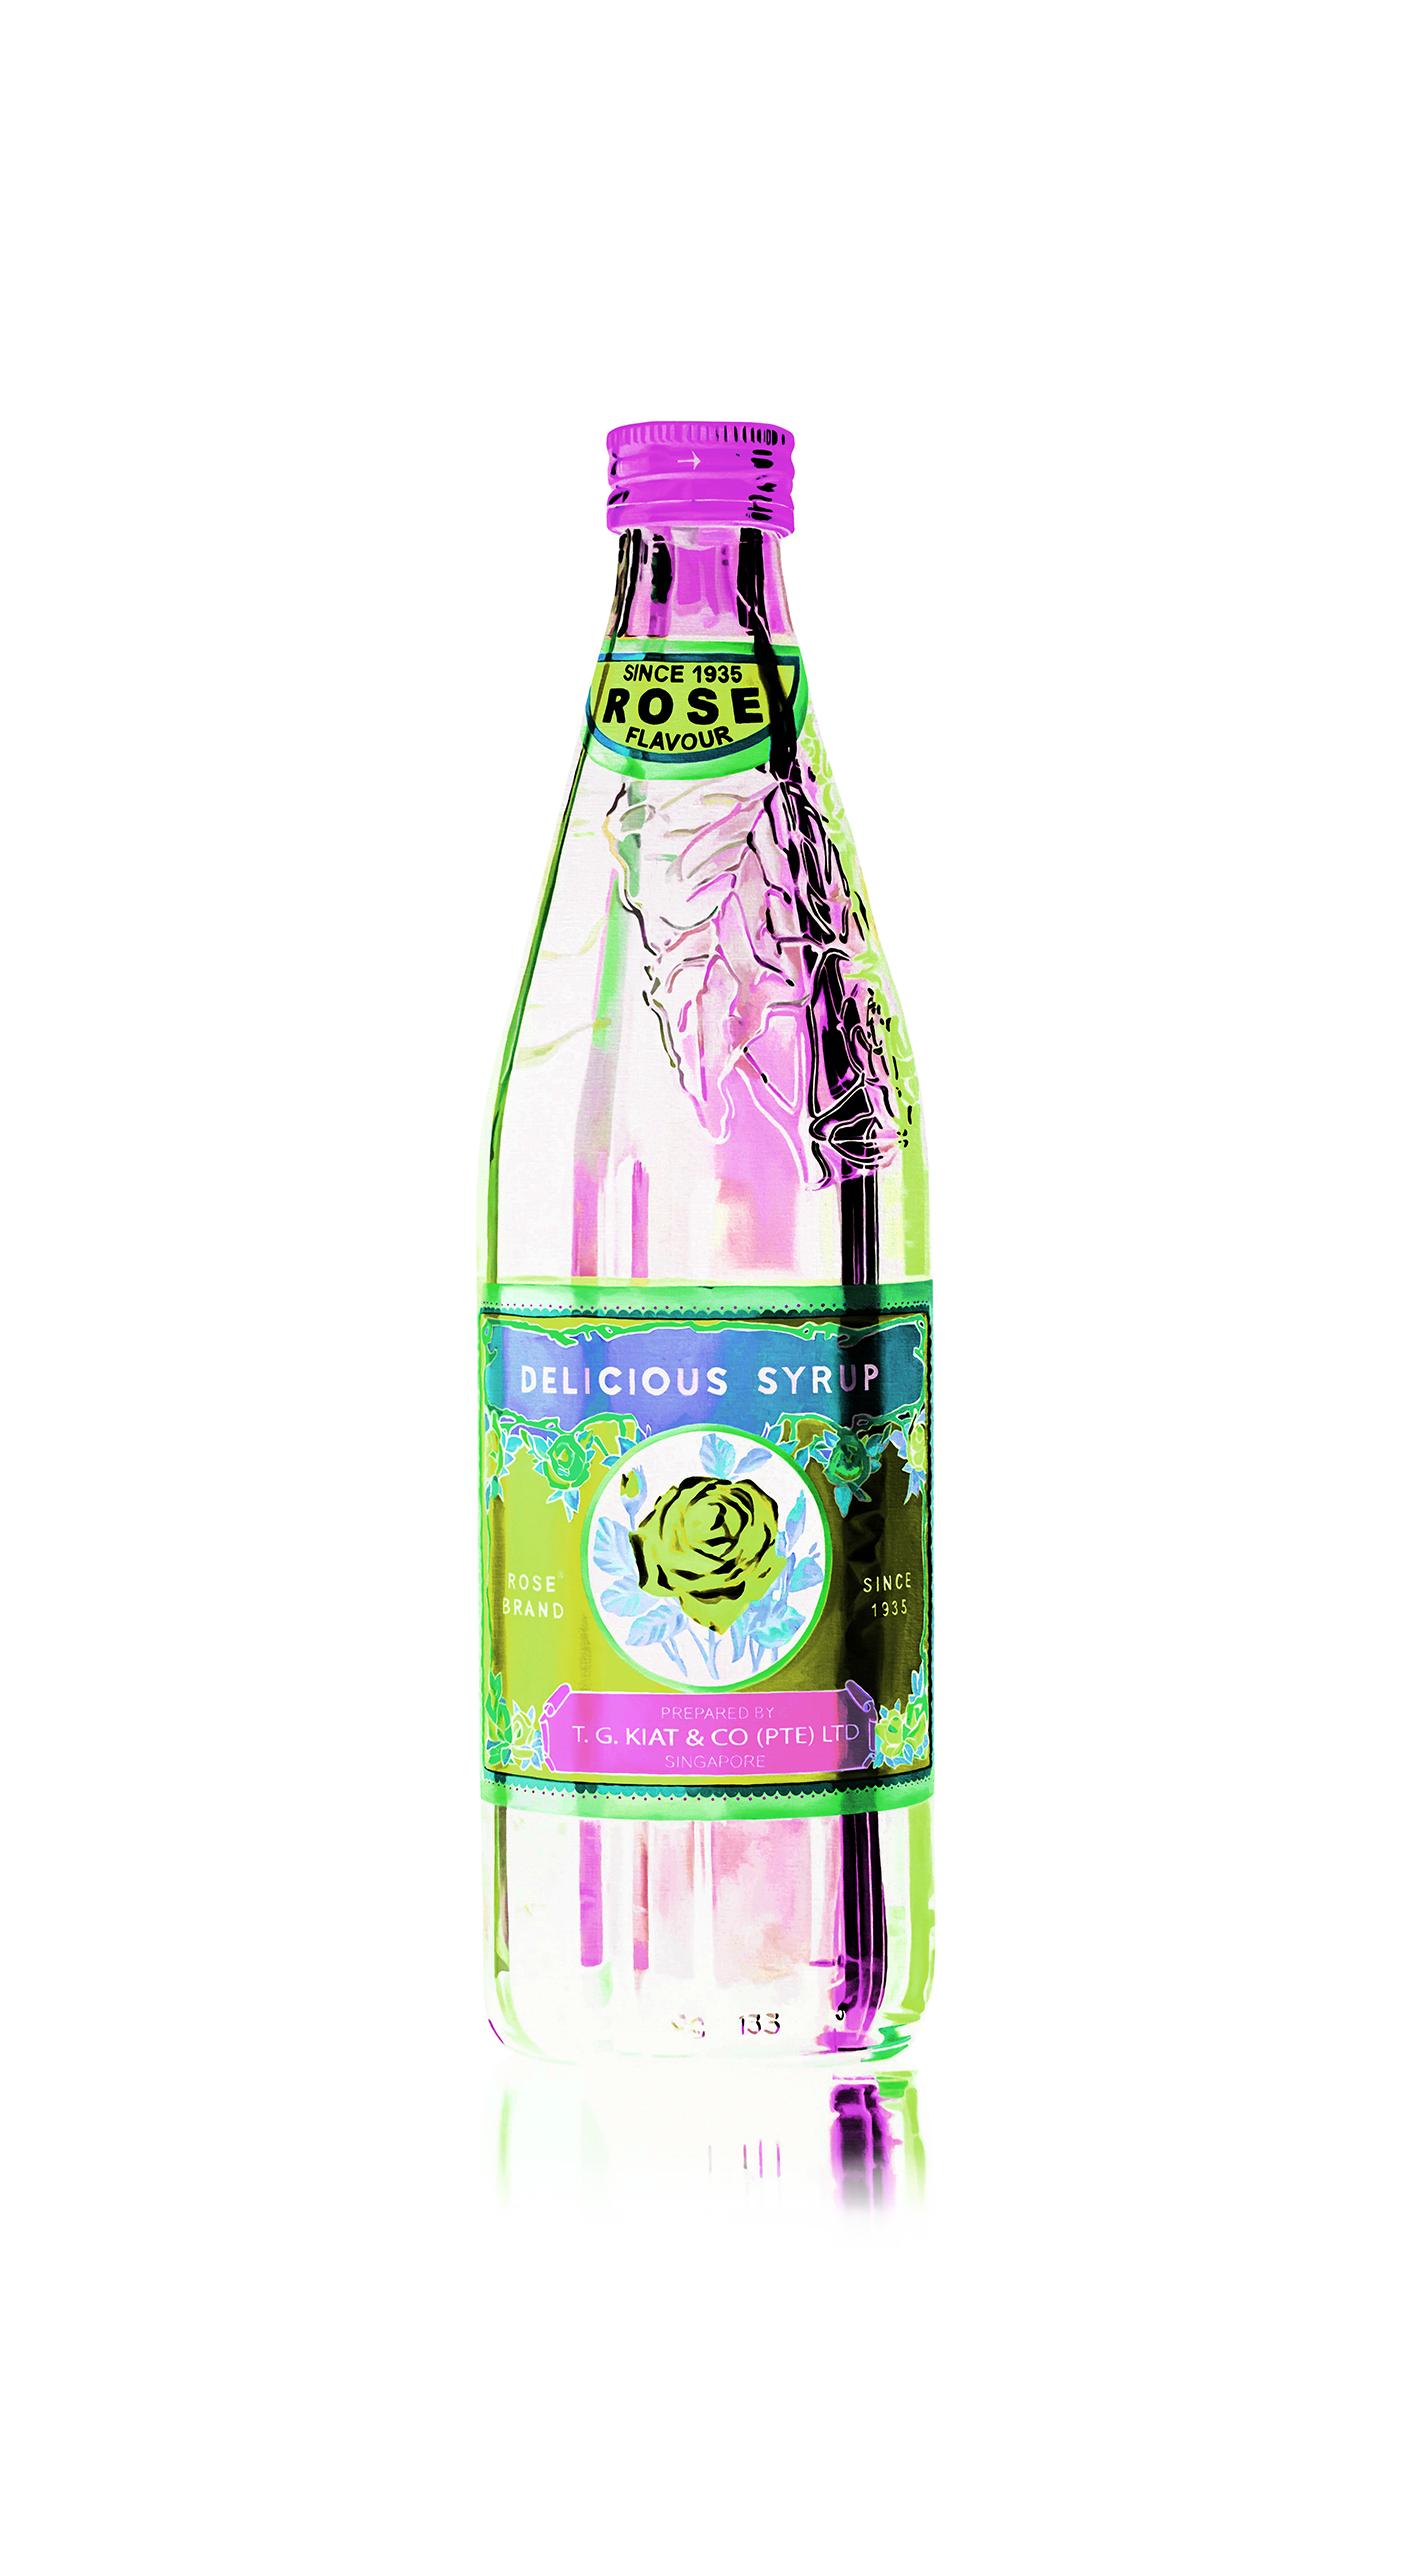 Bottle #10a